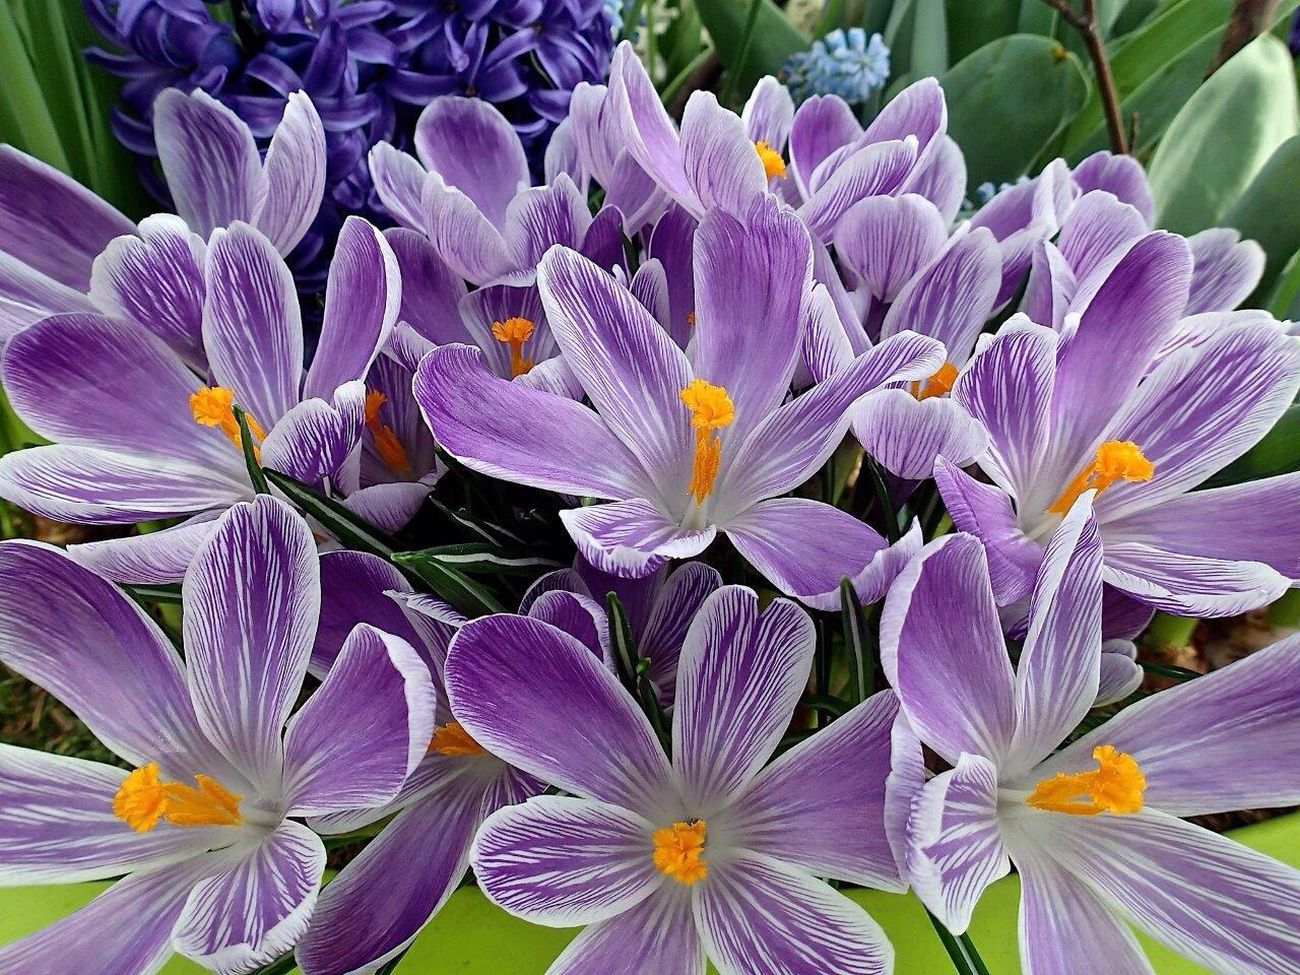 Flowers Flower Tulips🌷 Tulip Tulpen Tulipan Keukenhof Keukenhof Garden Kaukenhof Holand Holandia